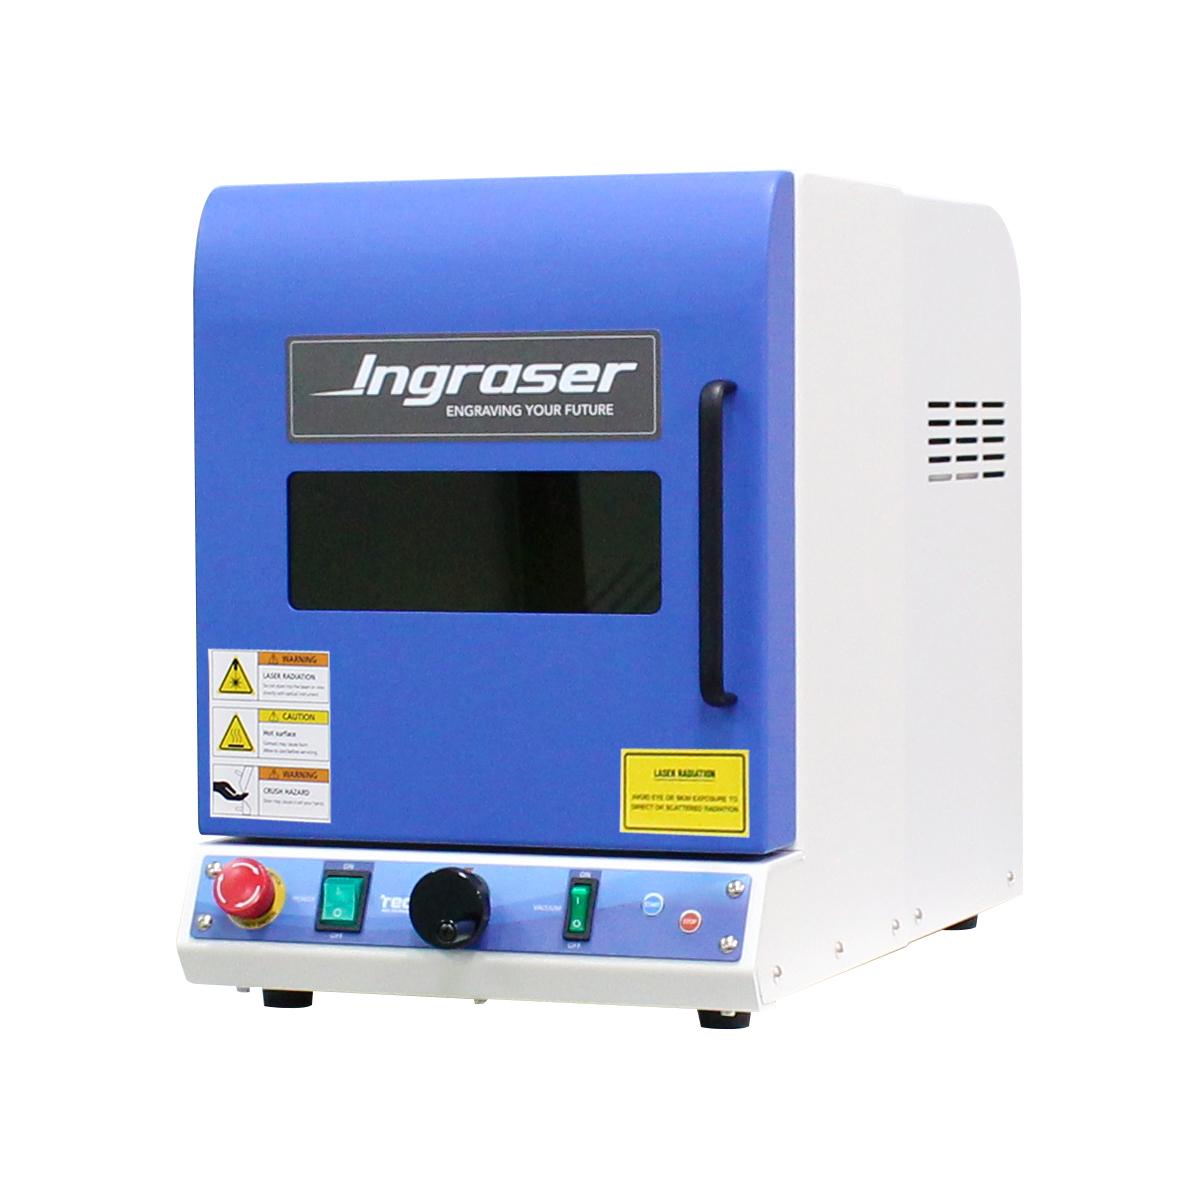 Laser-Graviermaschine L50 Ingraser - zum Markieren